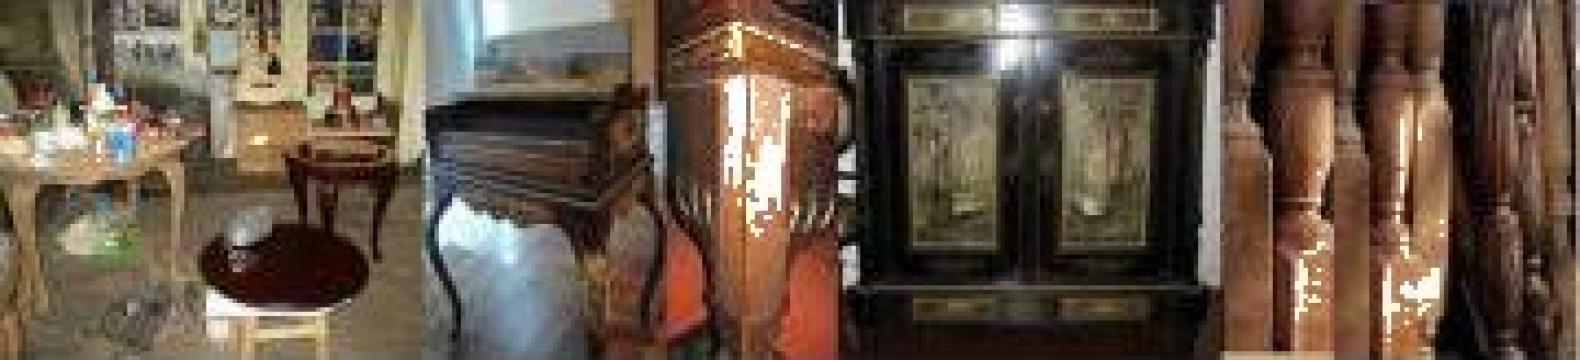 Servicii de restaurare mobila de la Laboratoriu Restaurare Mobila